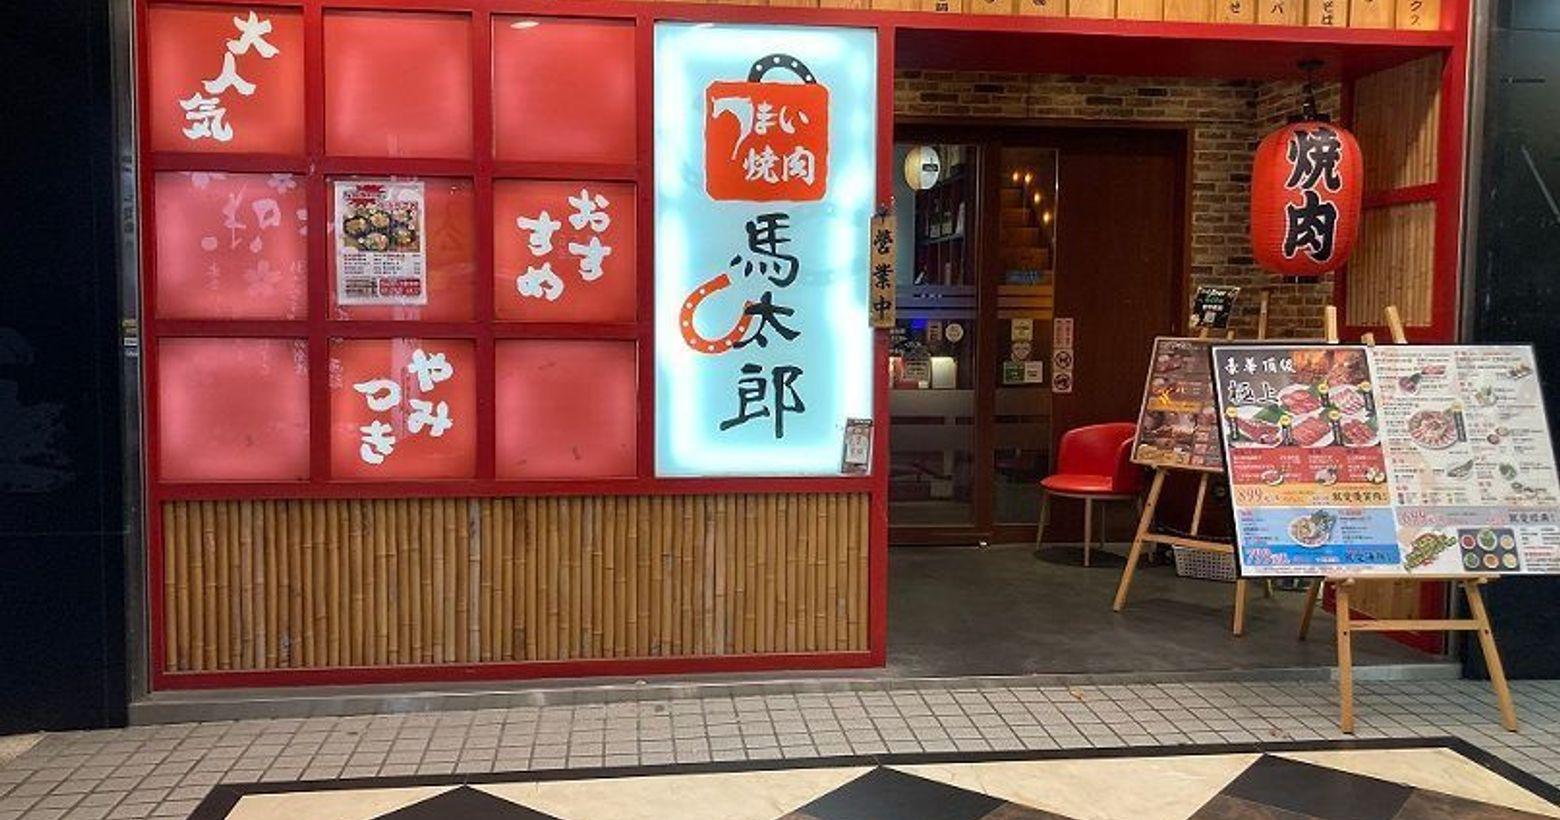 馬太郎燒肉(台灣中山店)馬太郎燒肉是來自日本的連鎖燒肉店,目前在台灣僅此一家,喜歡吃燒肉的朋友,非常